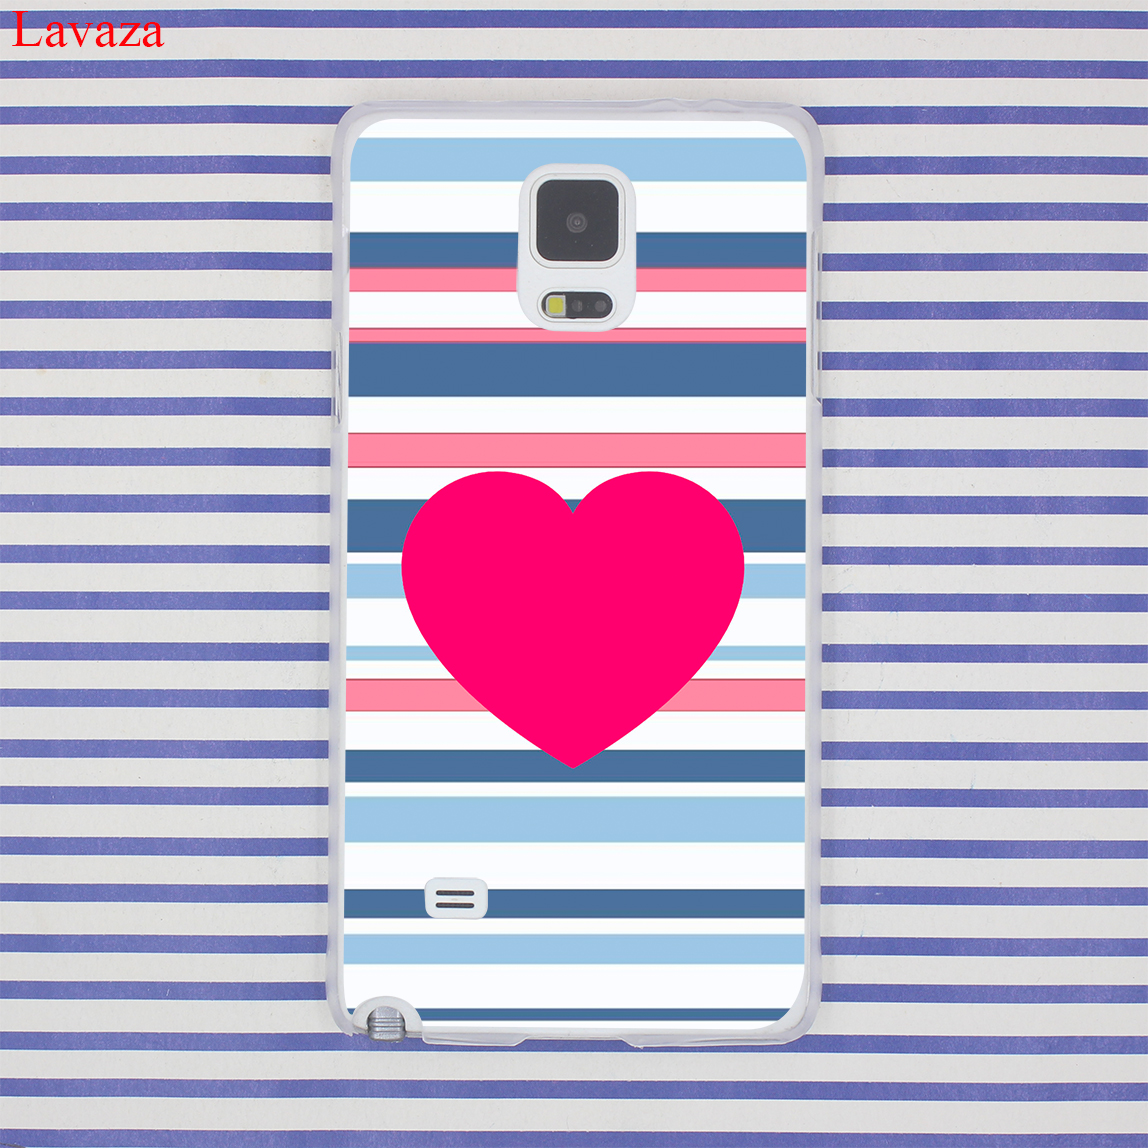 Լավագույն վարդագույն շերտեր սրտի - Բջջային հեռախոսի պարագաներ և պահեստամասեր - Լուսանկար 3